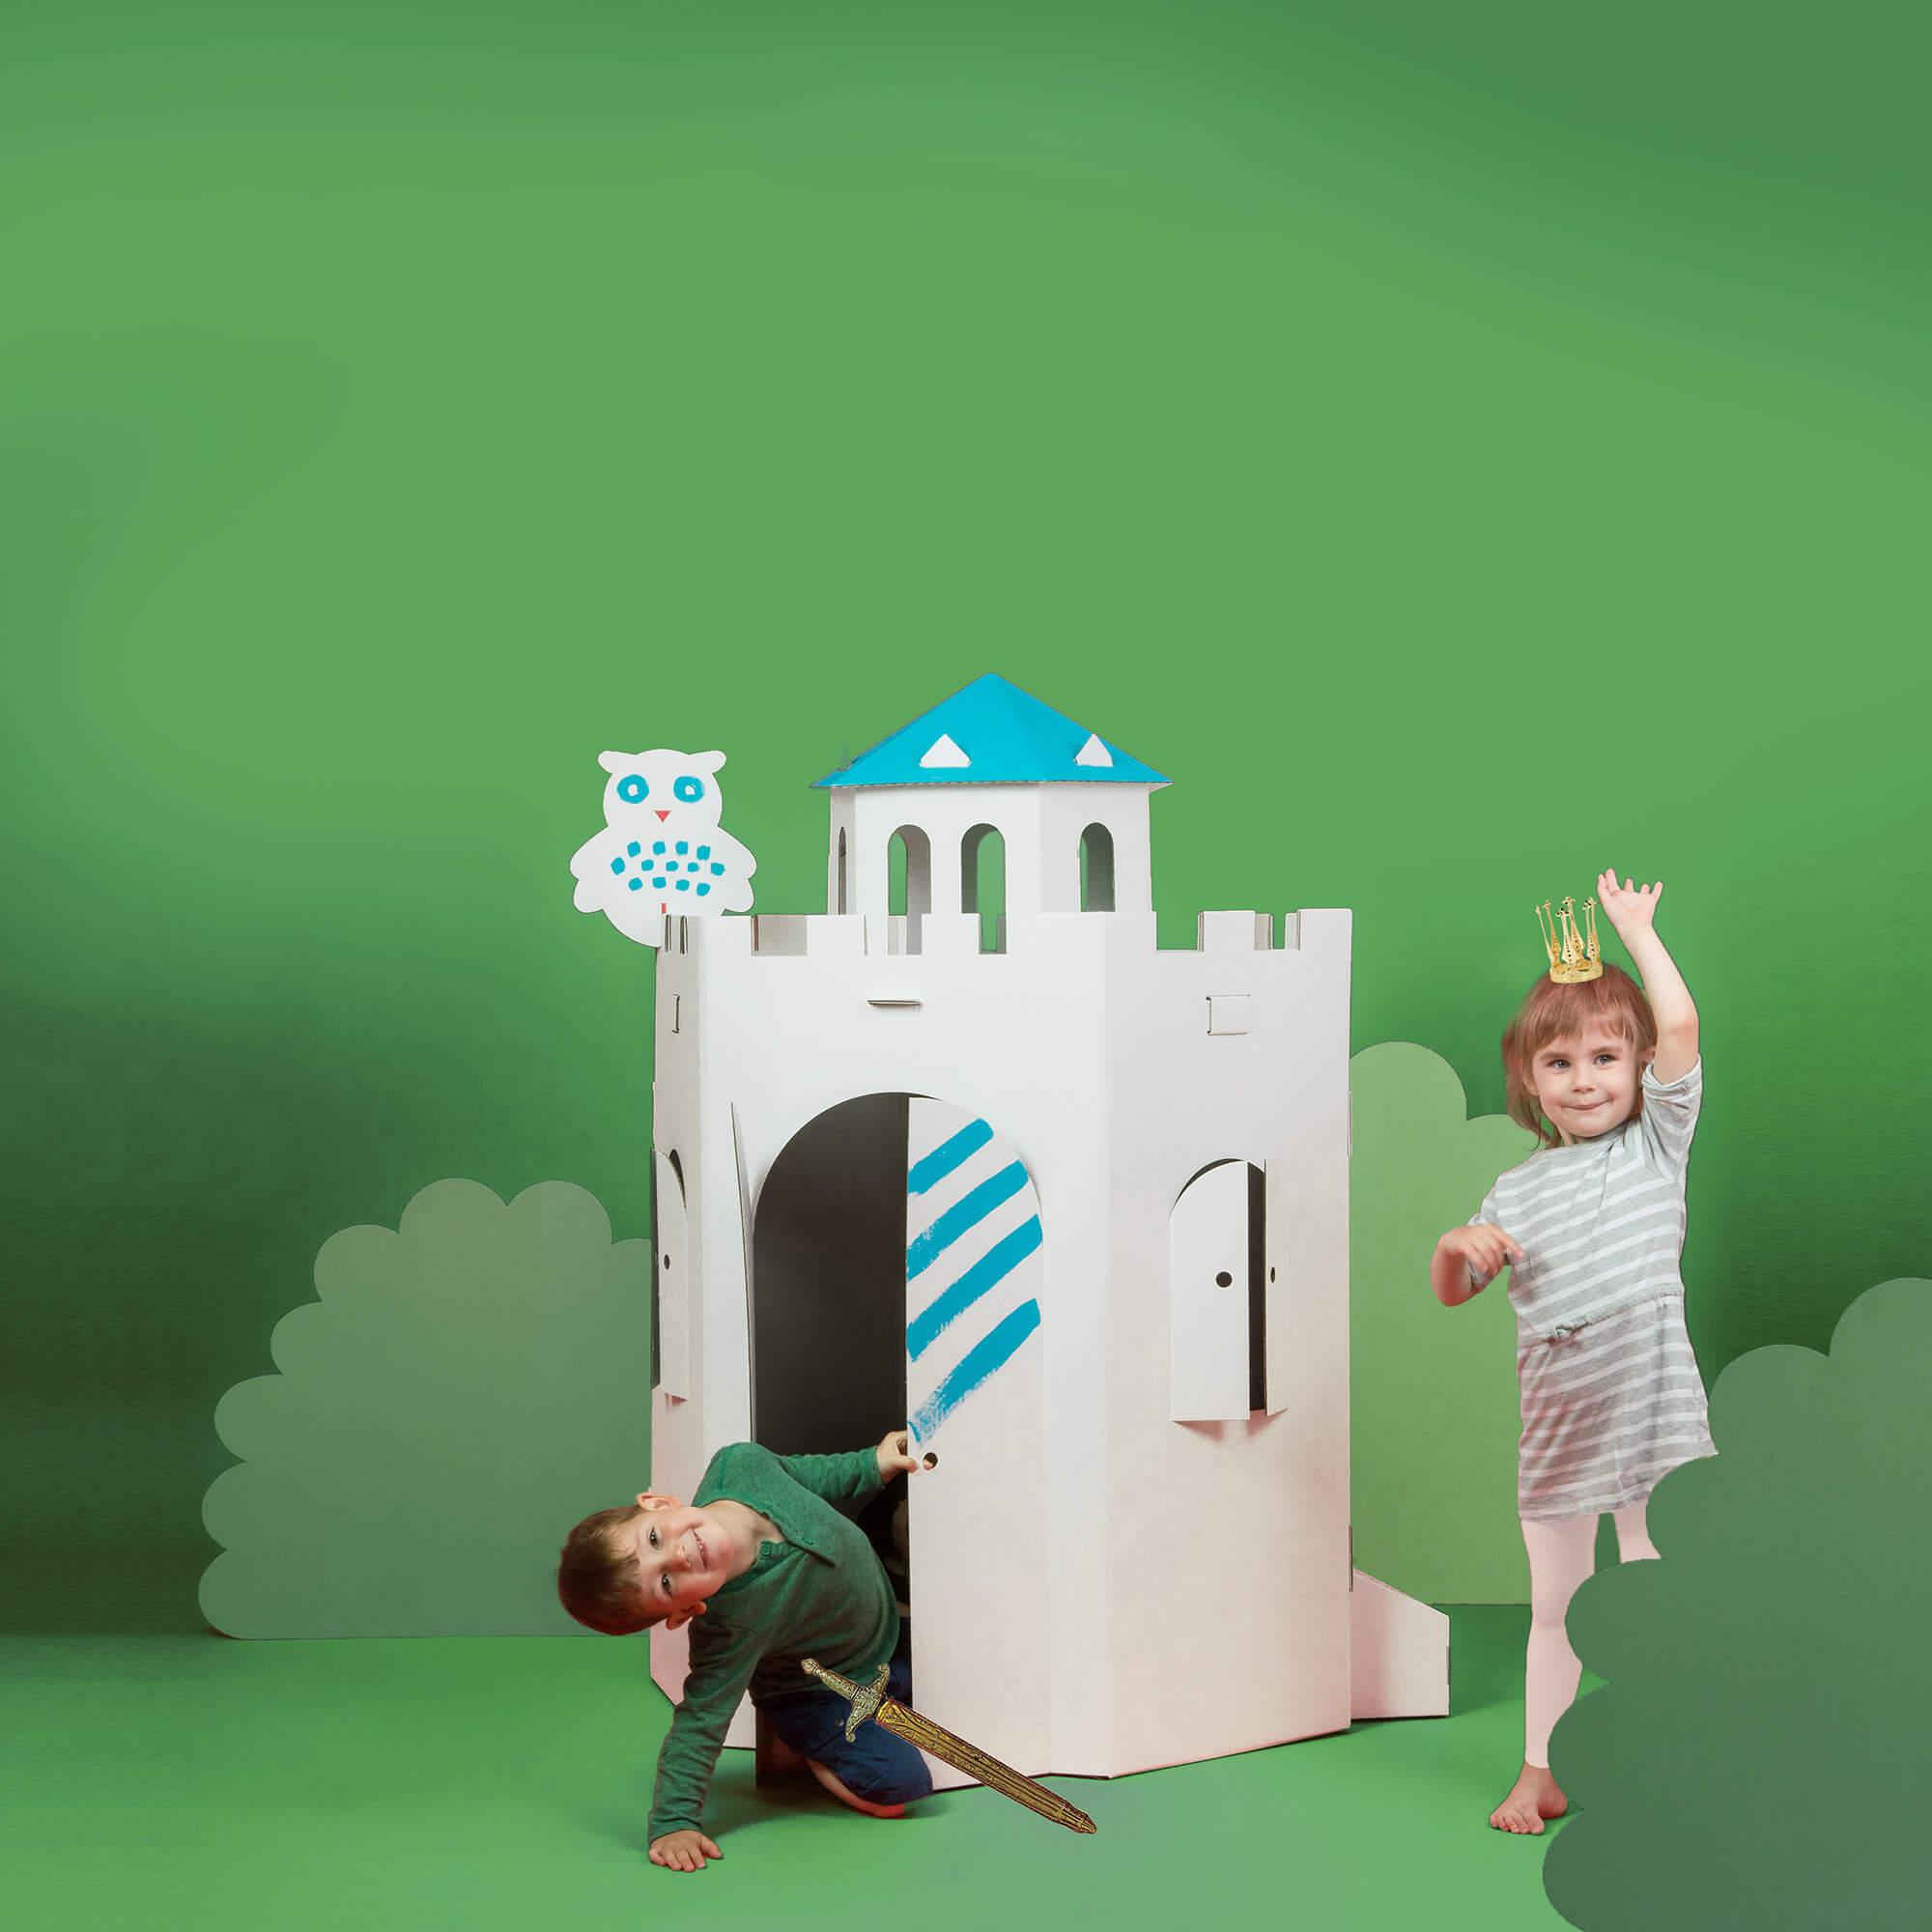 Bibabox-Papphaus-Kinder-Papphaus-zum-Bemalen-Grosse-Burg-1